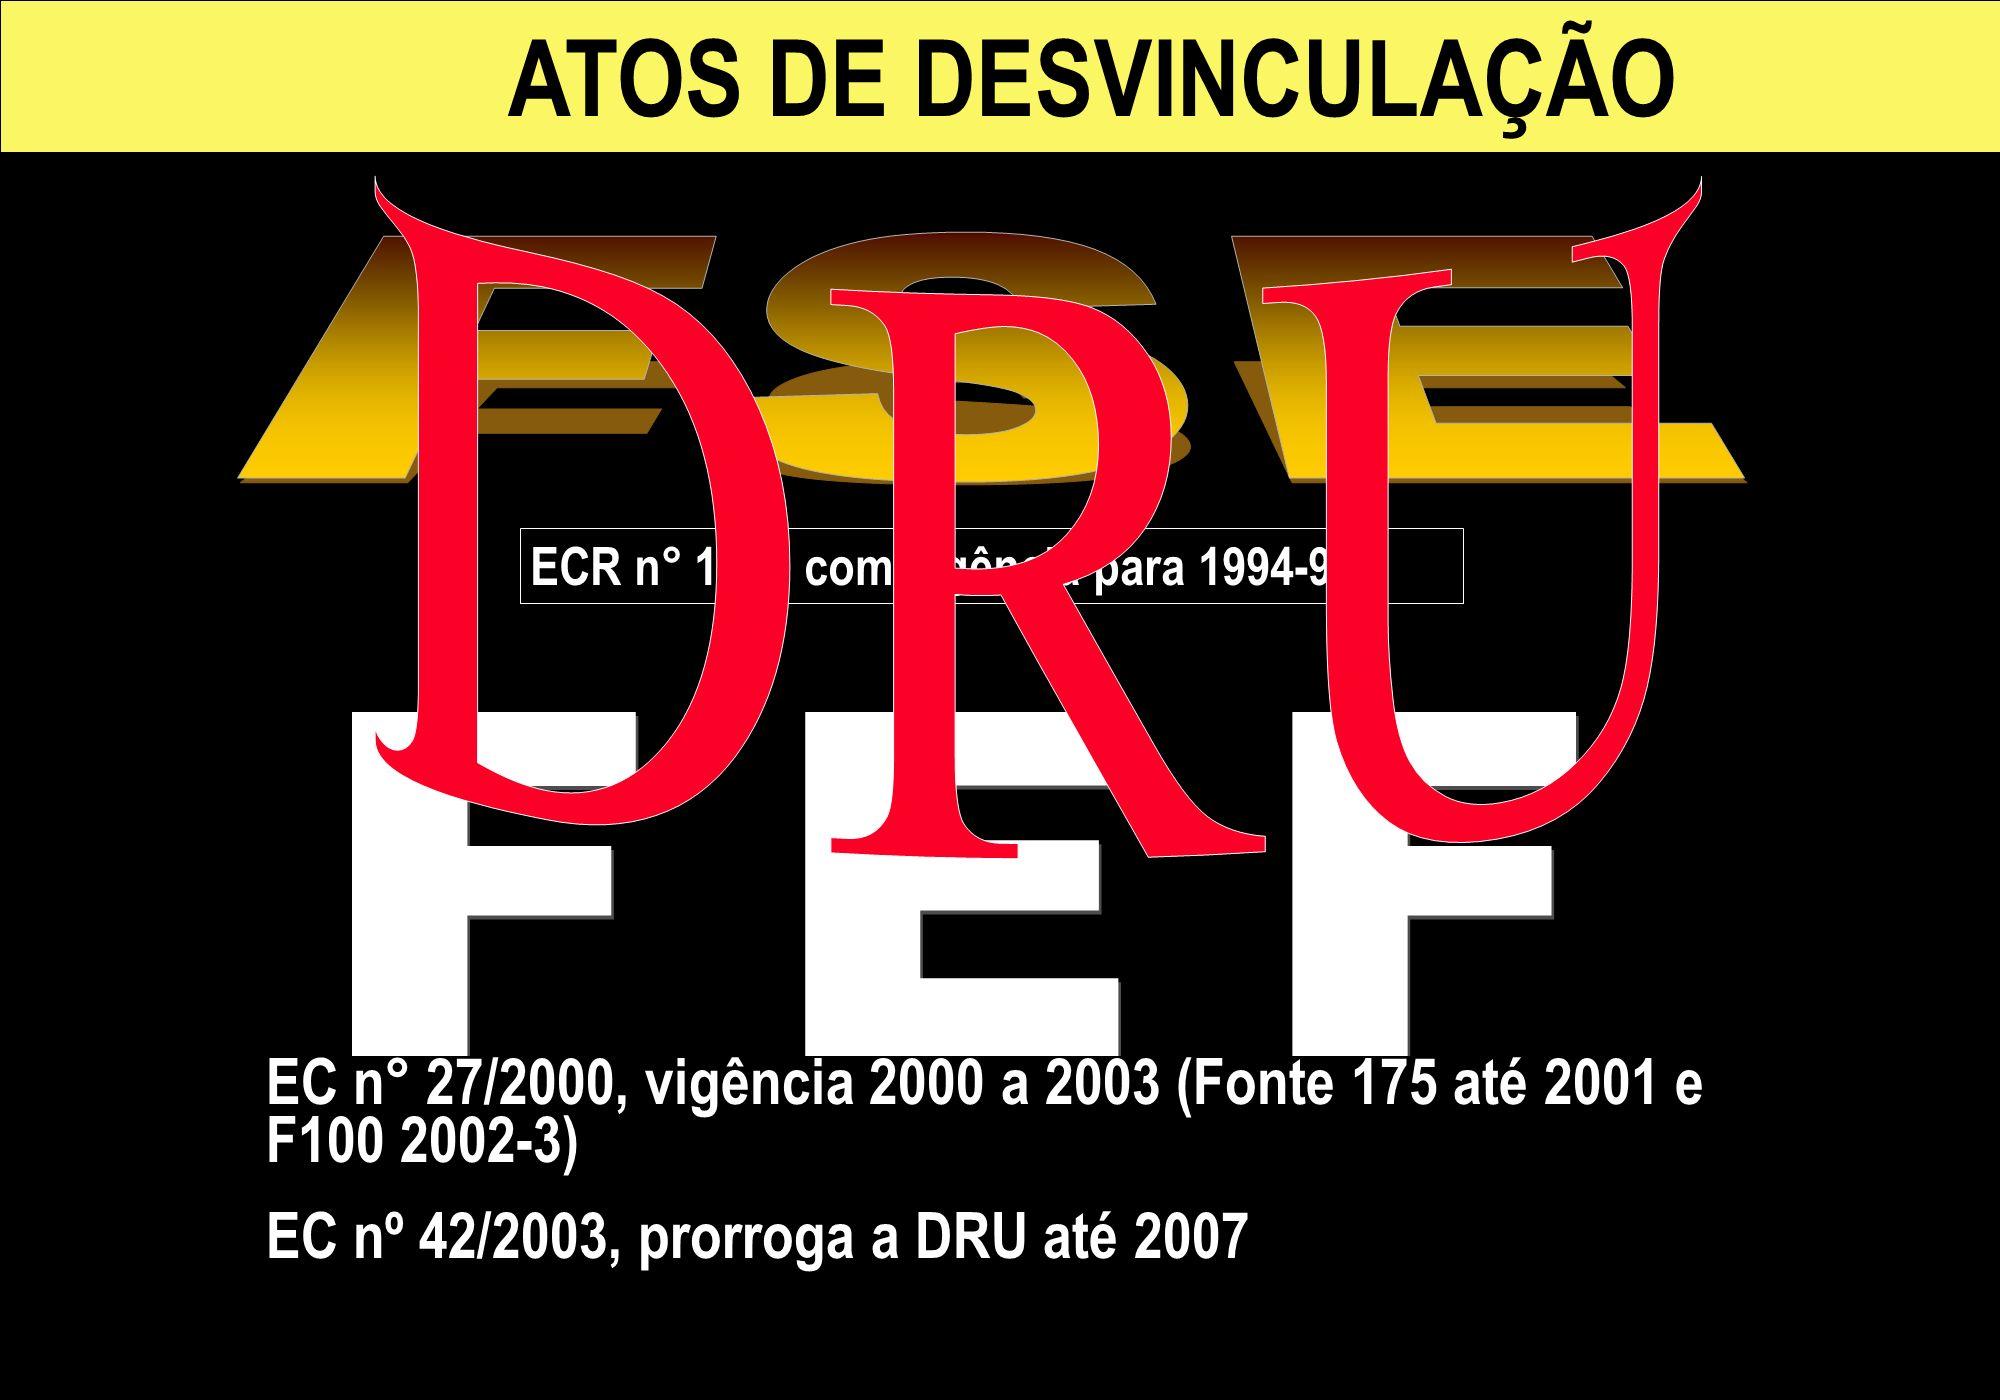 ATOS DE DESVINCULAÇÃO DRU. EC n° 27/2000, vigência 2000 a 2003 (Fonte 175 até 2001 e F100 2002-3)